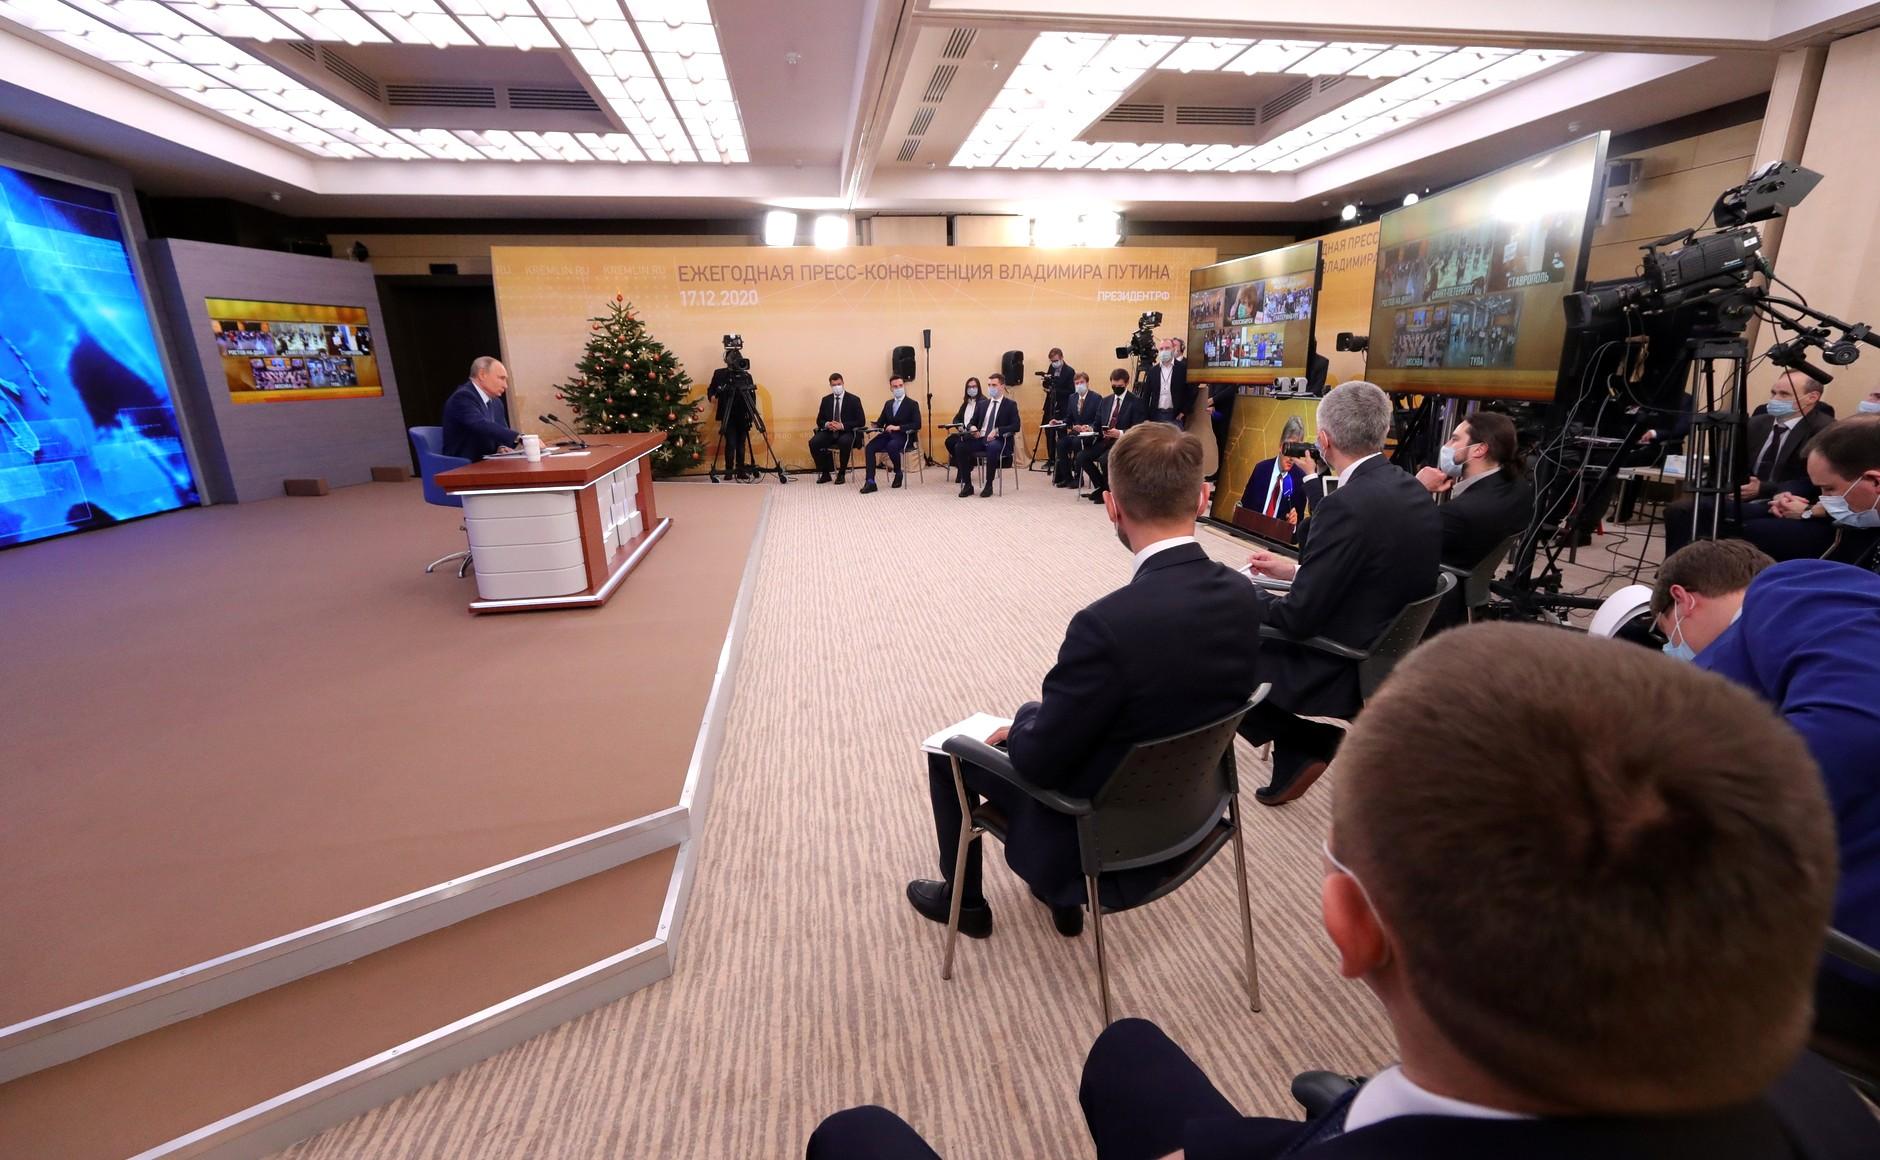 RUSSIE 17.12.2020.CONFERENCE 5 XX 66 Avant le début de la conférence de presse annuelle de Vladimir Poutine.